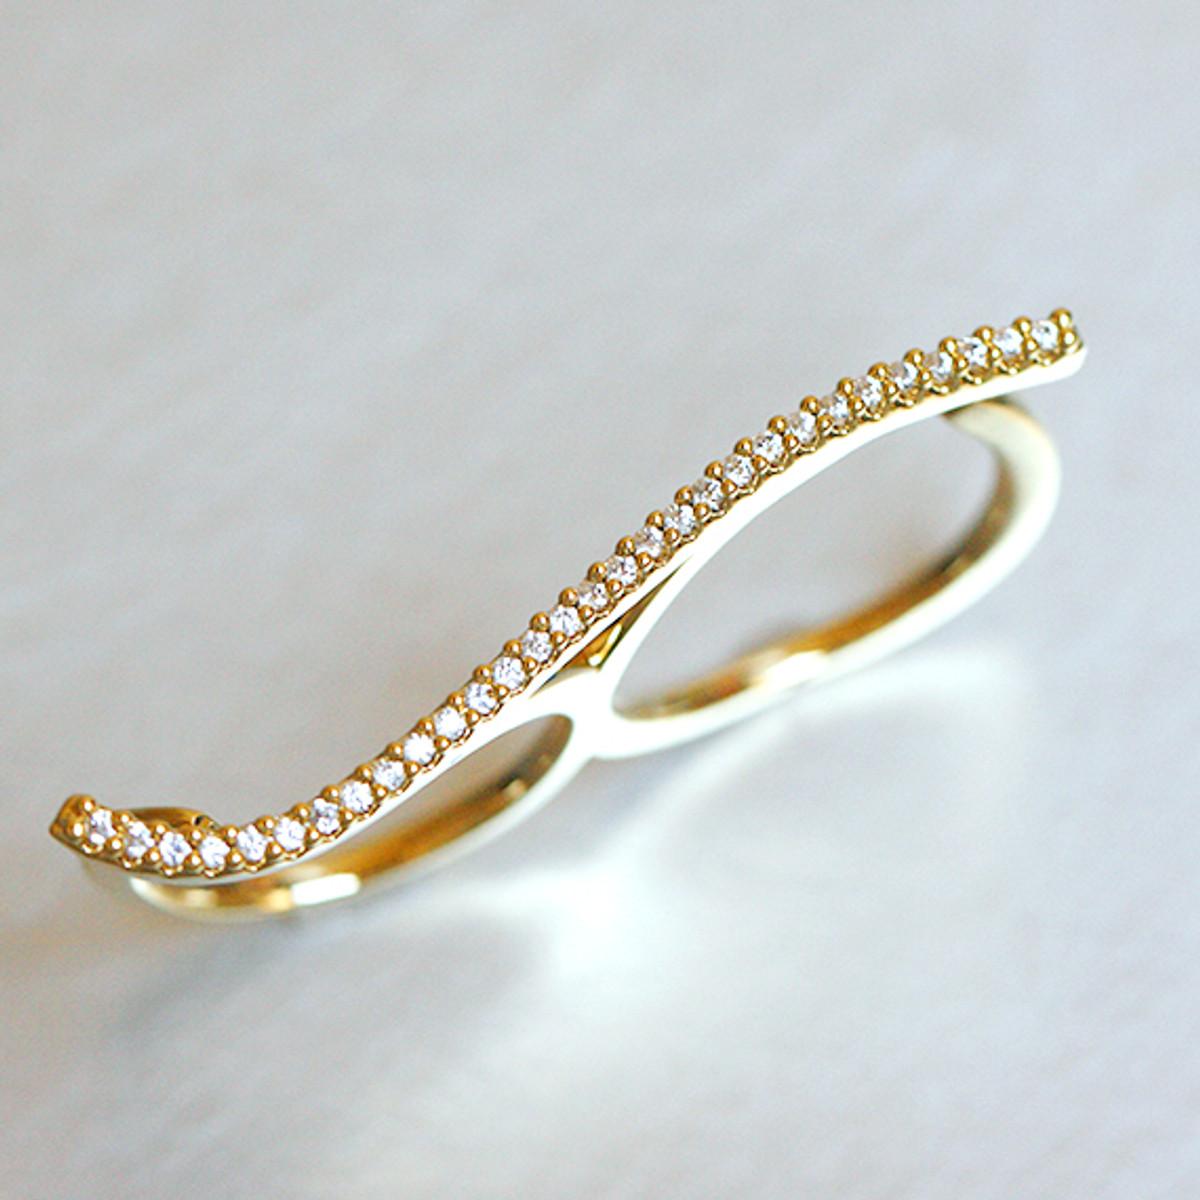 Ring On Left Ring Finger: CZ Wave Two Finger Ring Gold At Kellinsilver